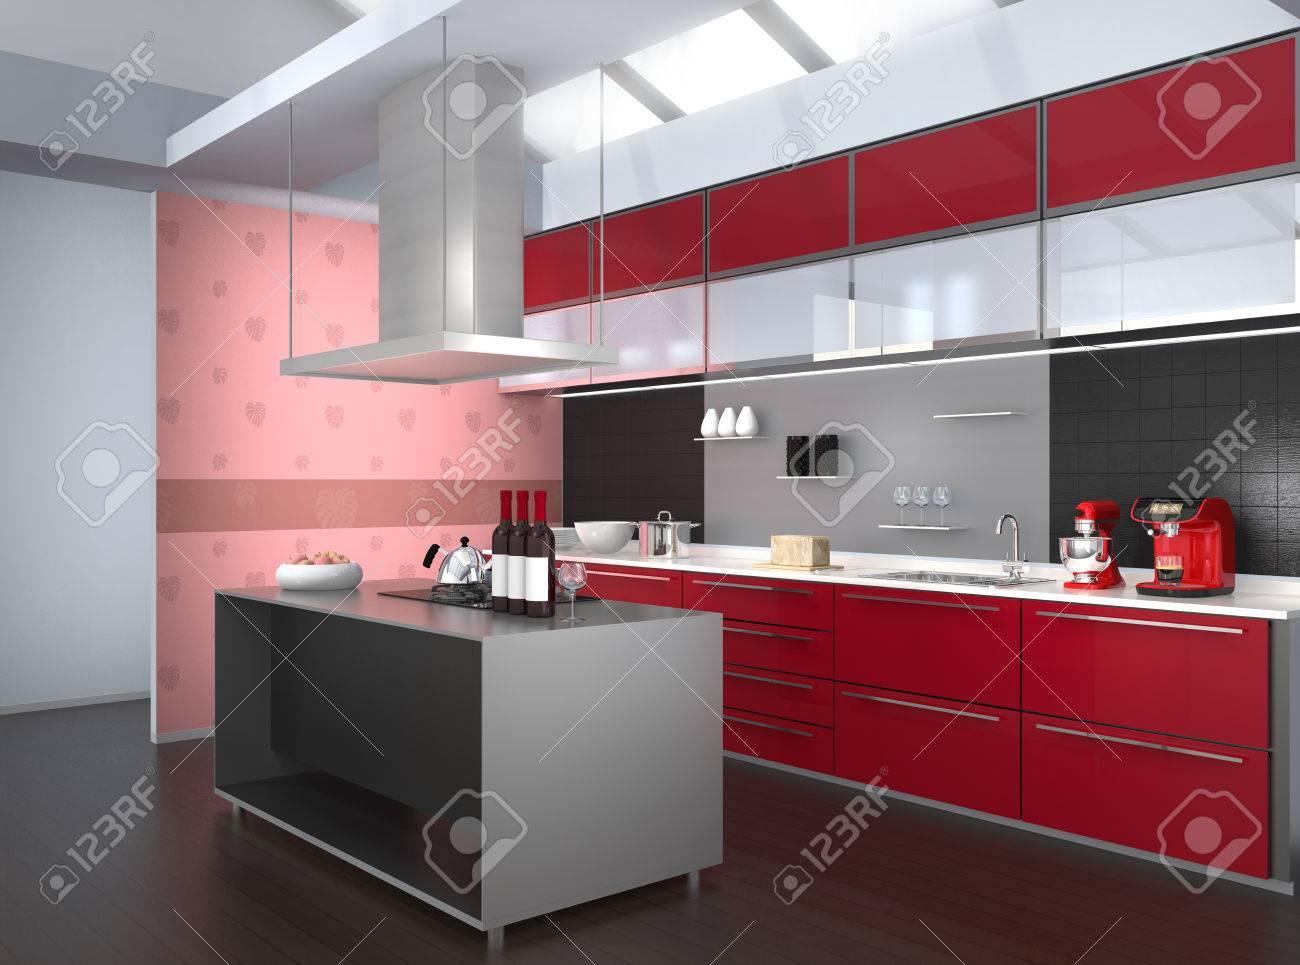 interior cucina moderna con carta da parati rosa, monstera. 3d ... - Carta Da Parati Cucina Moderna